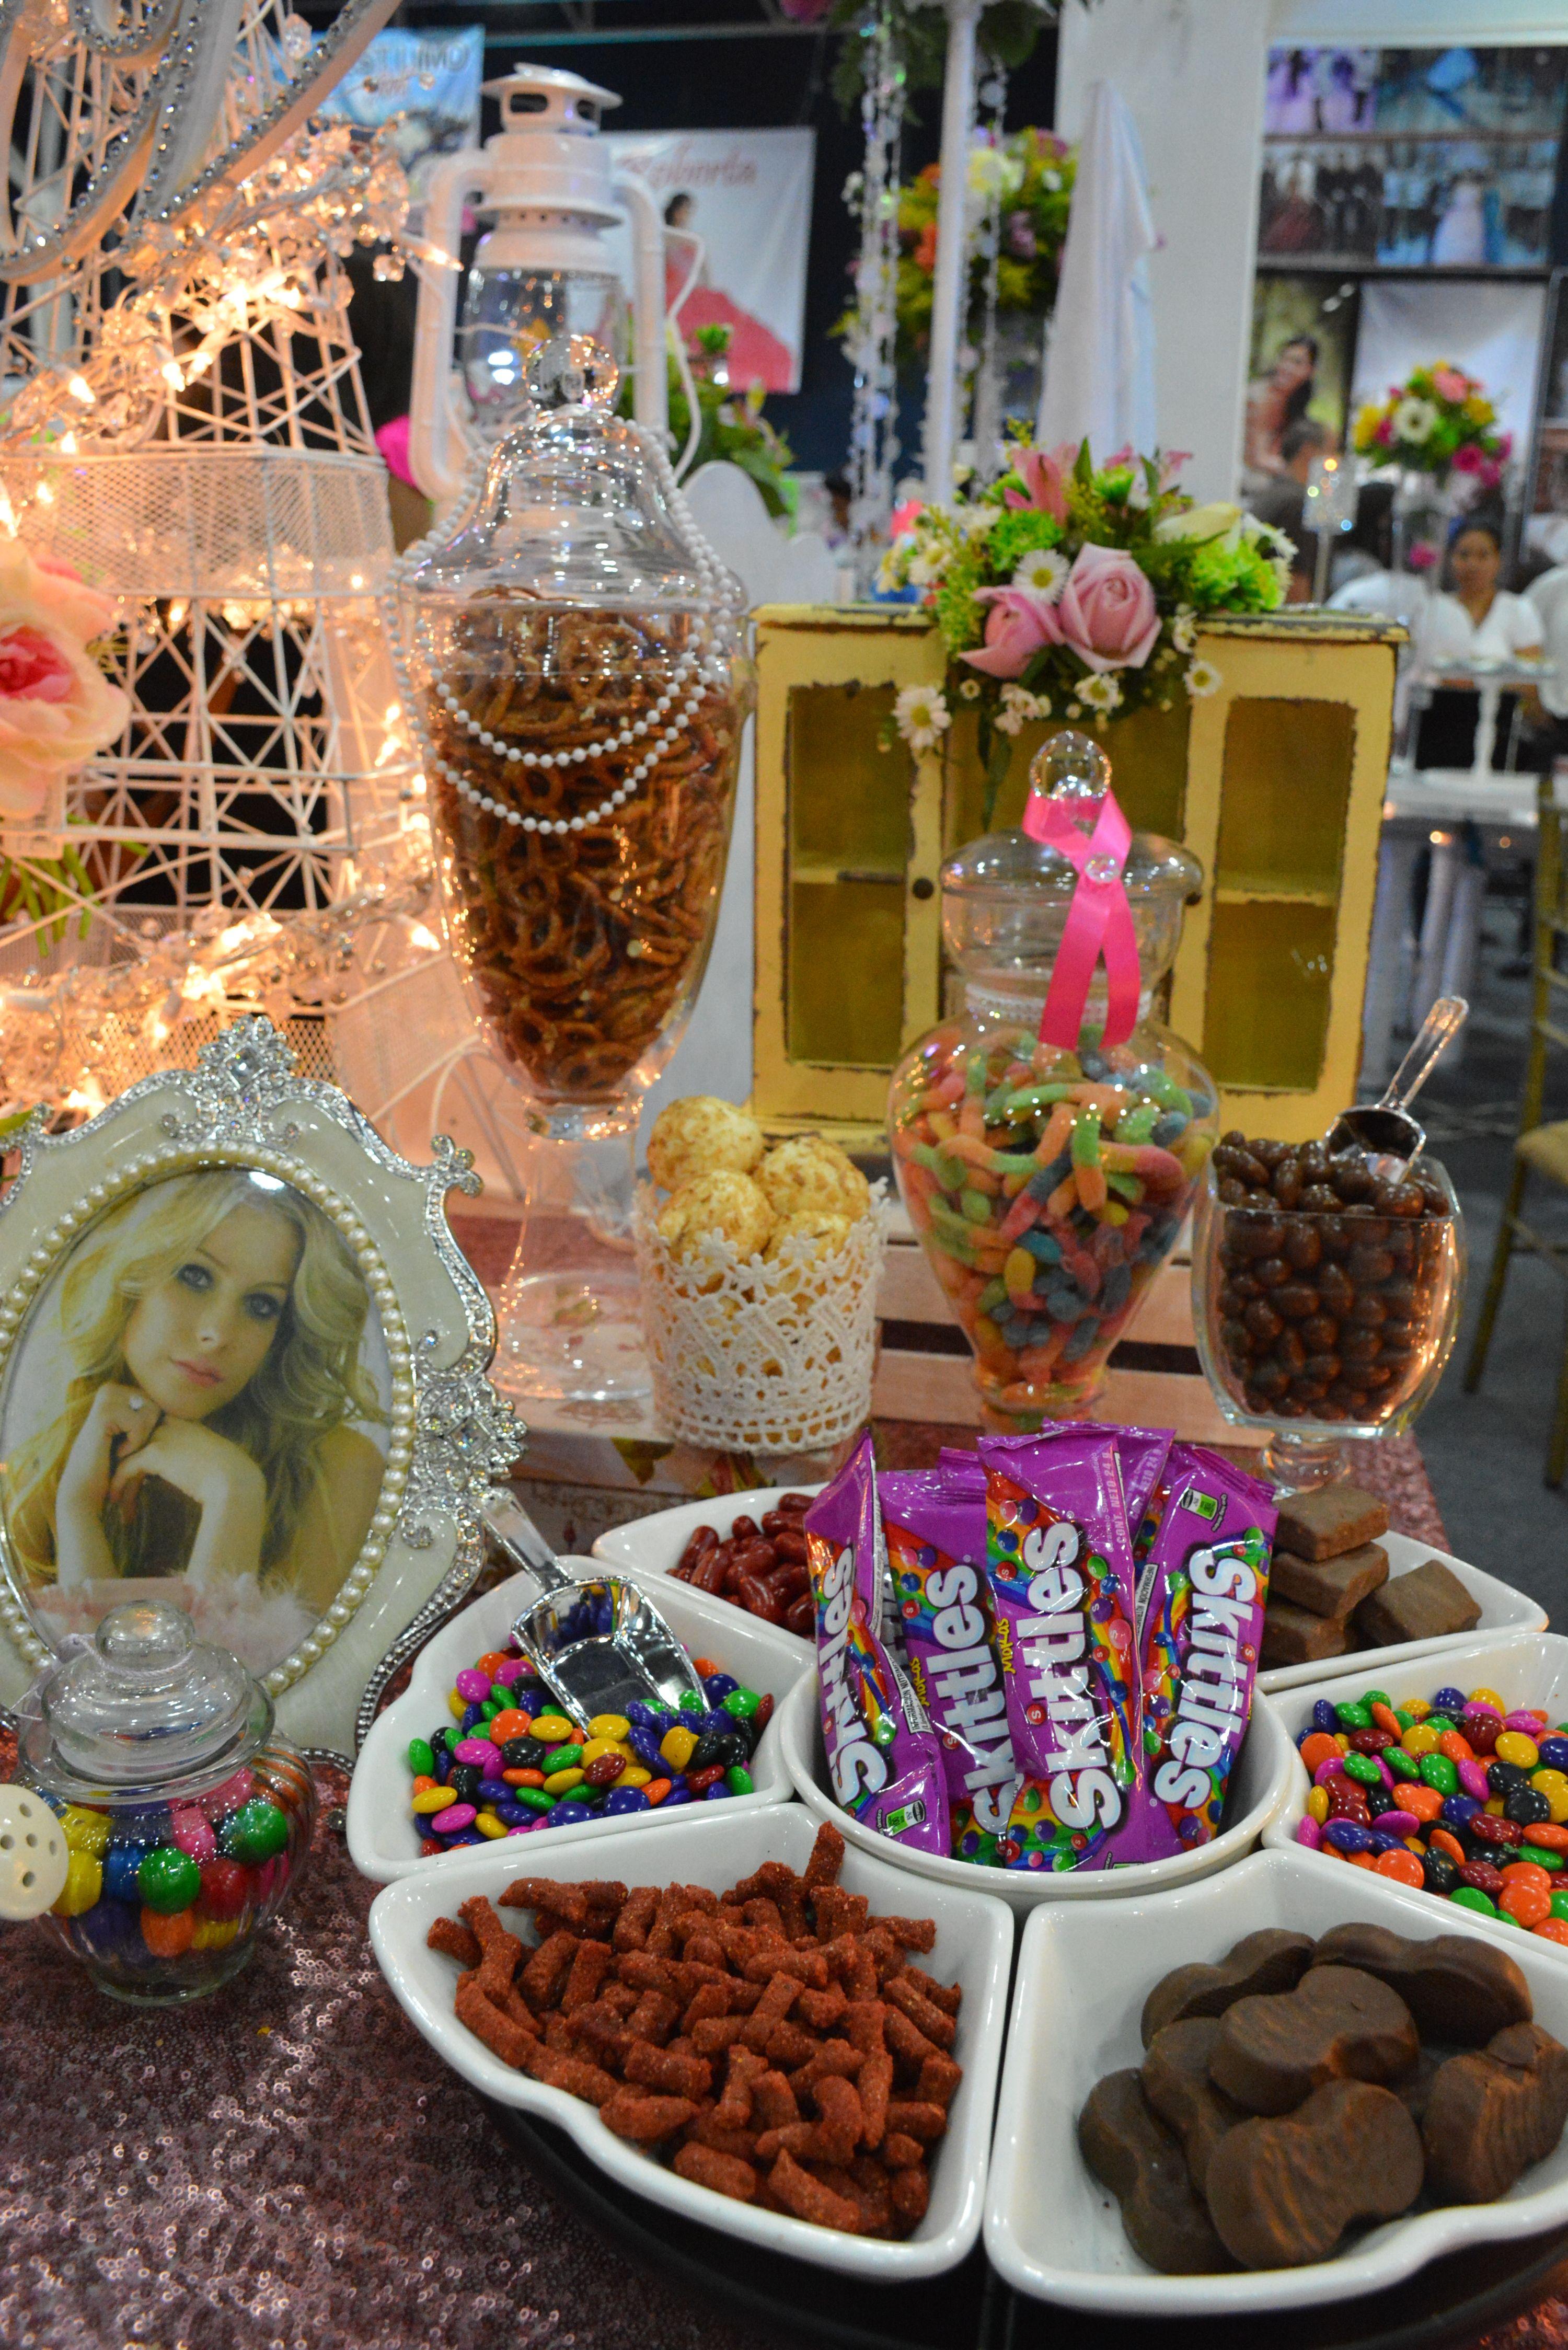 Mesa de Dulces para quince años #quinceaños #quince #XV #mesadedulces  #candy #expoquinceañera | Mesa de dulces, Dulces, Mesa de dulces bautizo